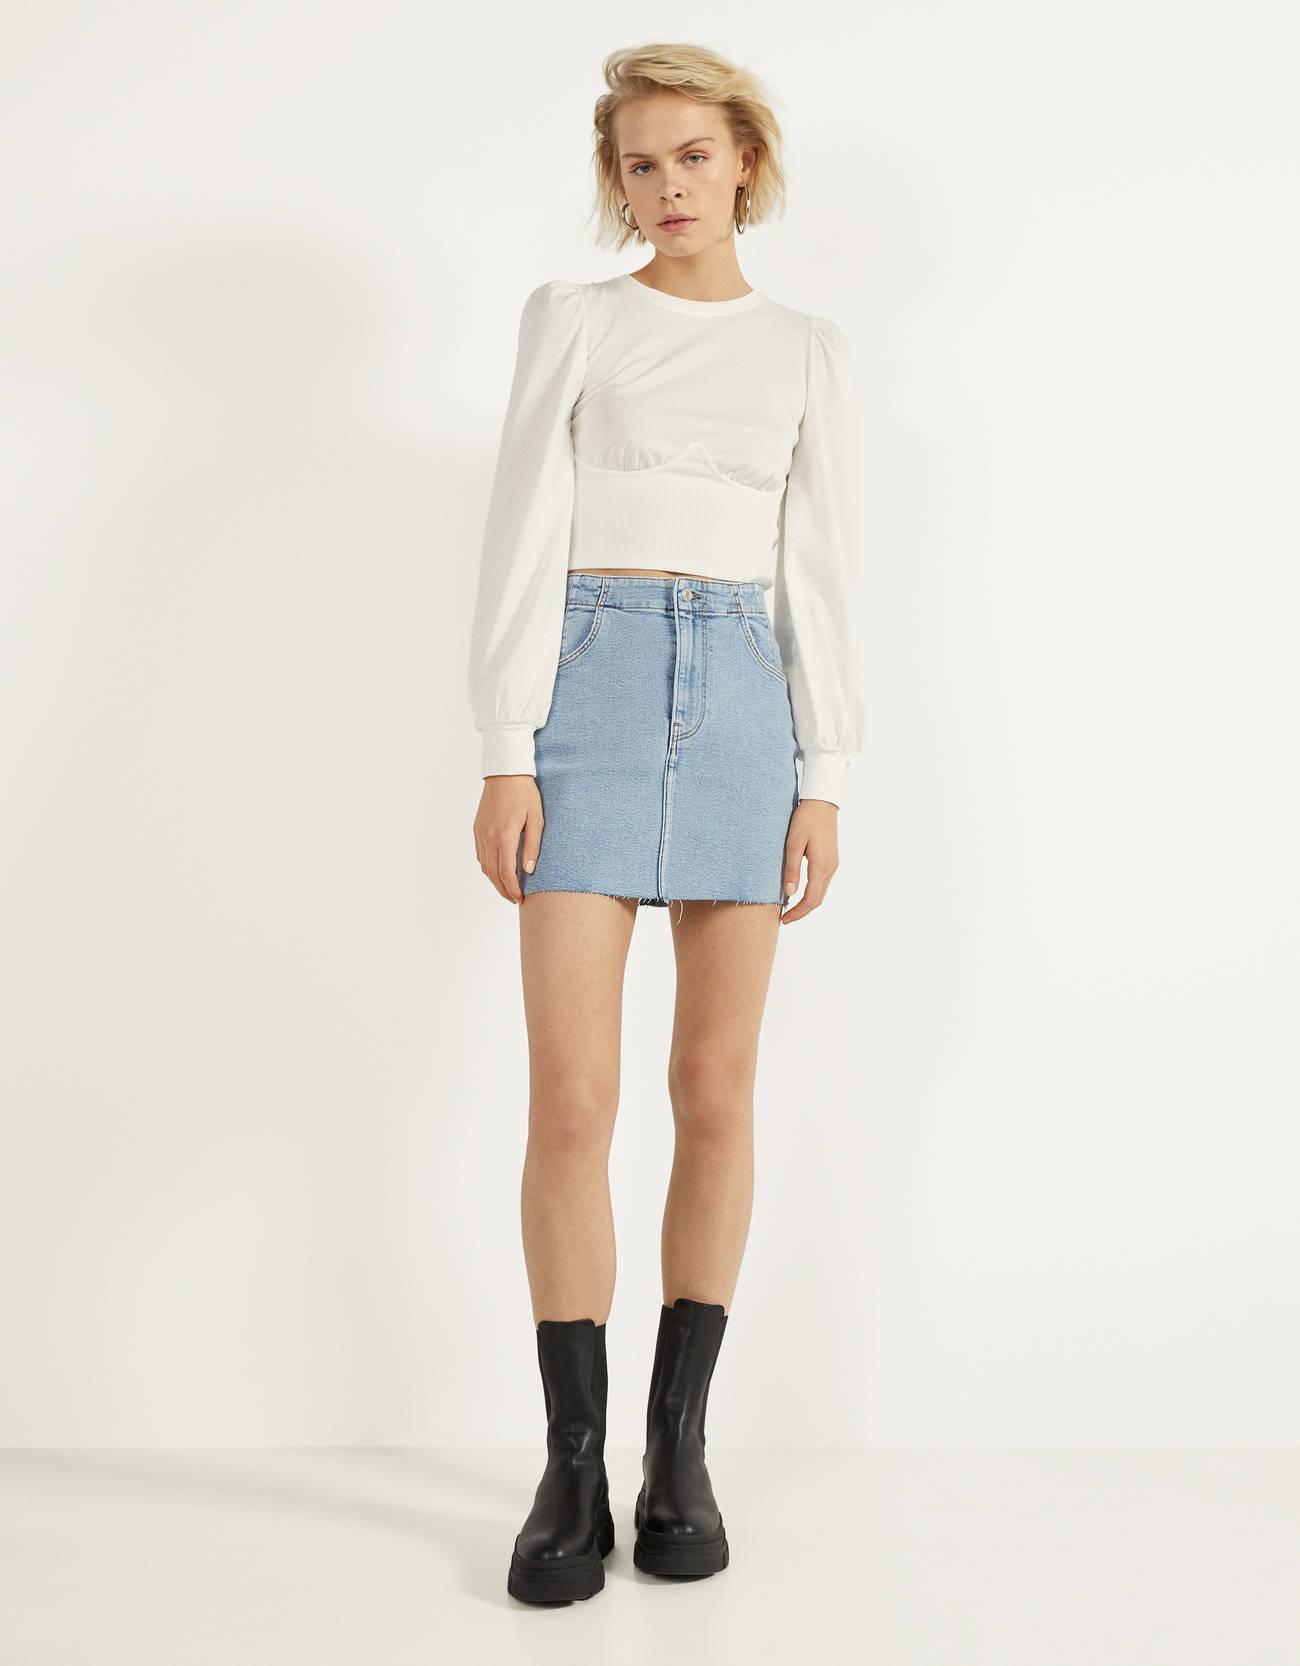 Короткая джинсовая юбка Синий застиранный Bershka